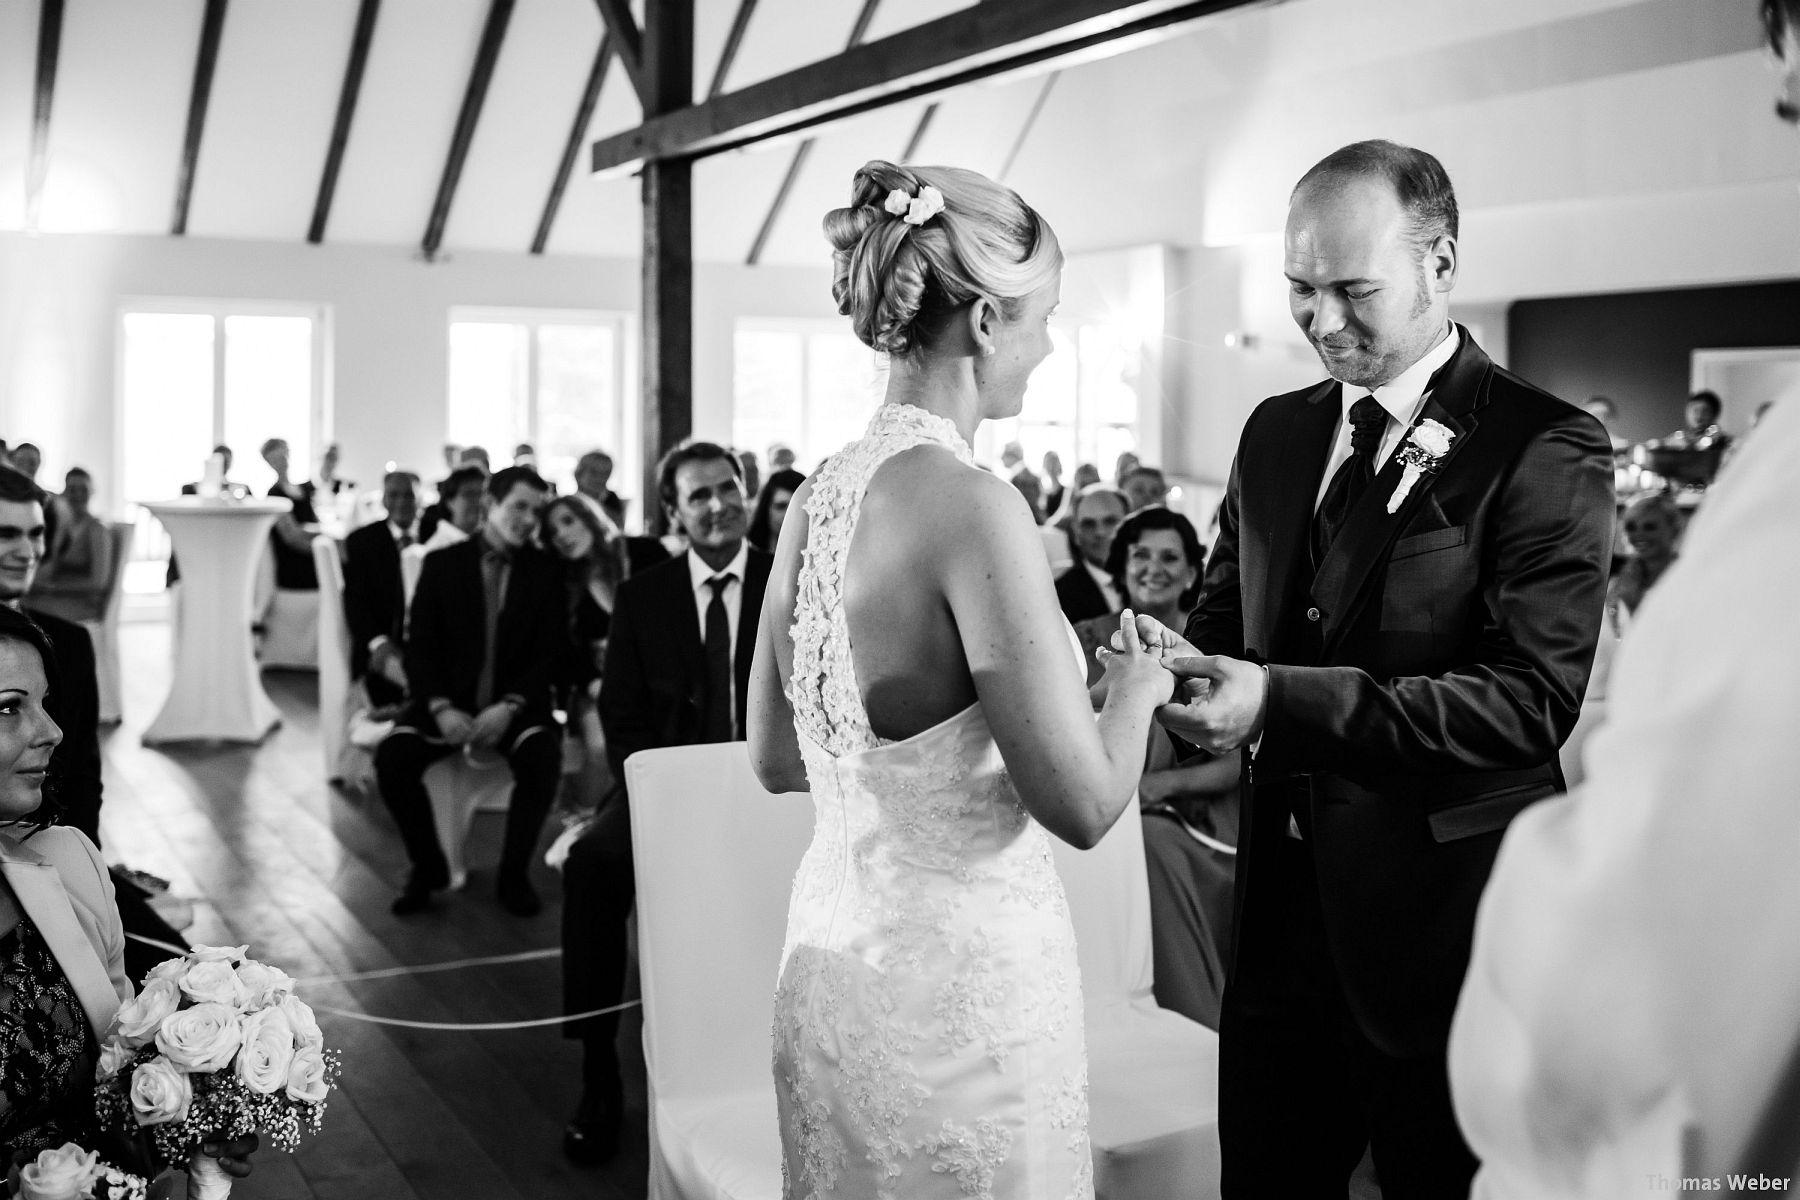 Hochzeitsfotograf Thomas Weber aus Oldenburg (29)